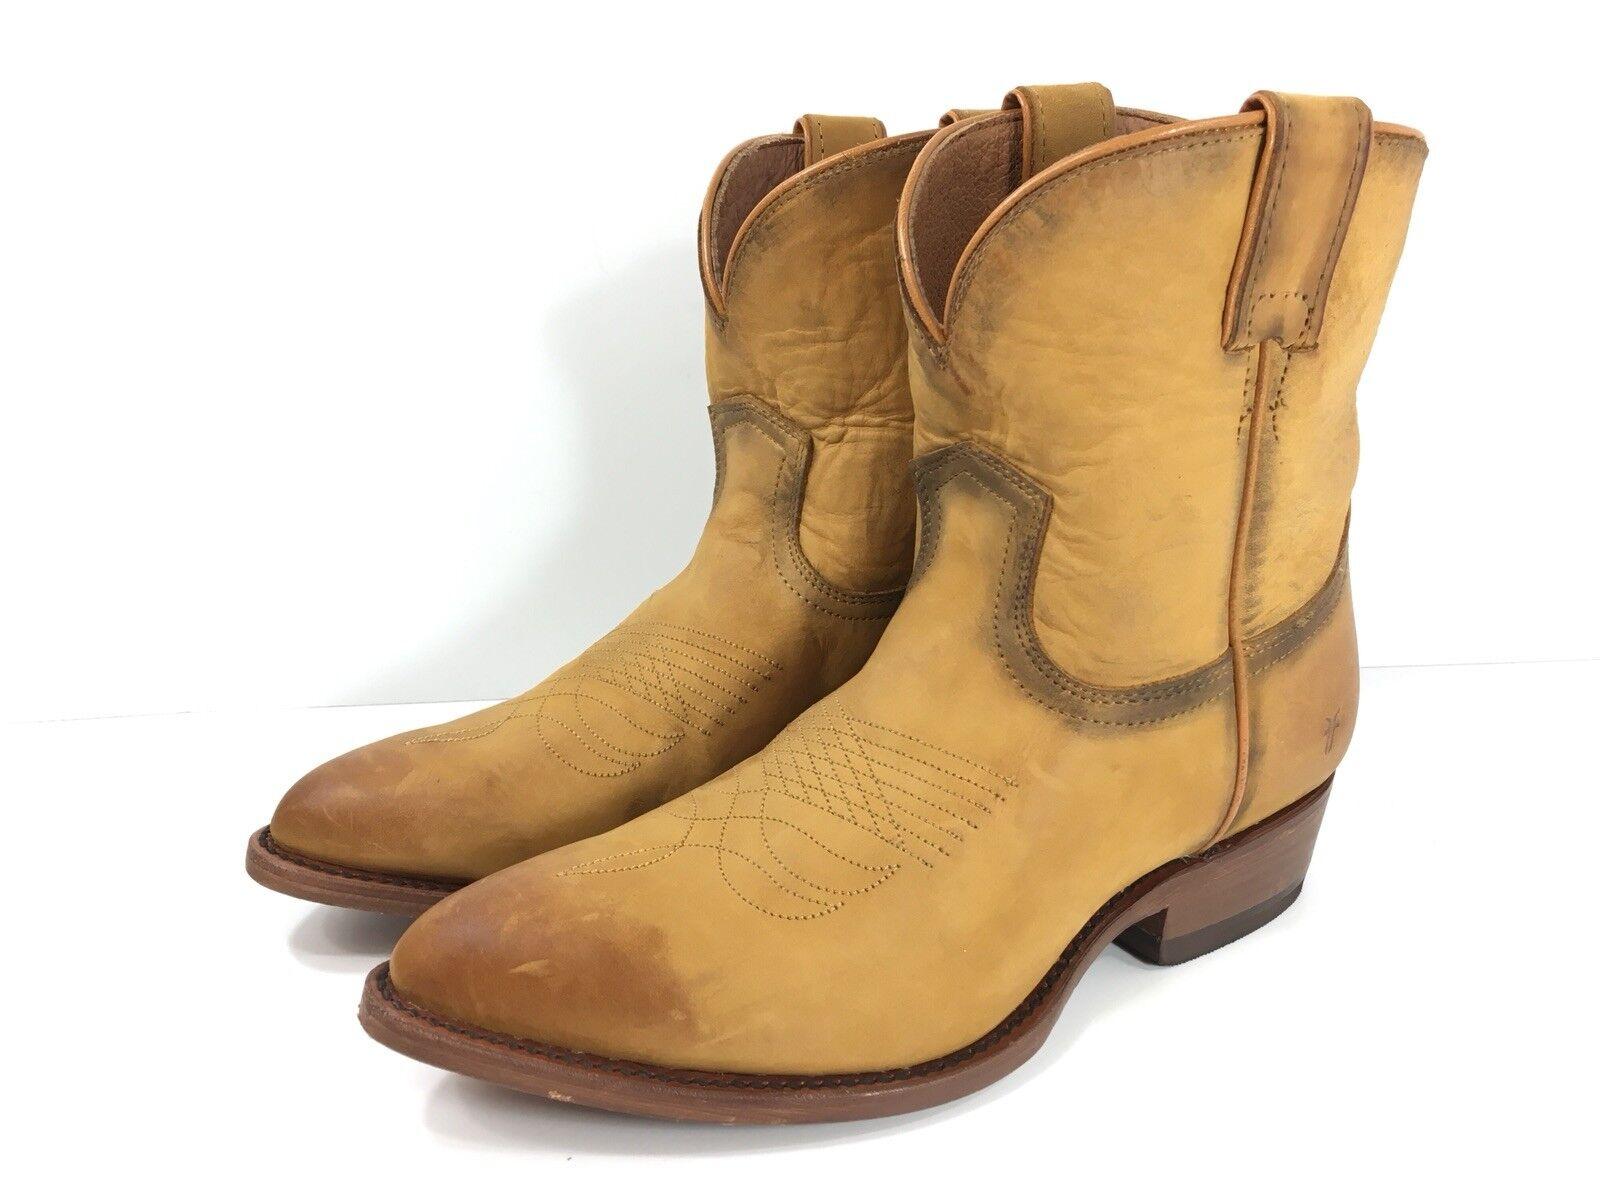 Frye Cognac botas Para Mujer Billy corto  71440 Cognac Frye Cuero Tostado Western Botines Nuevo  258 fe5df3